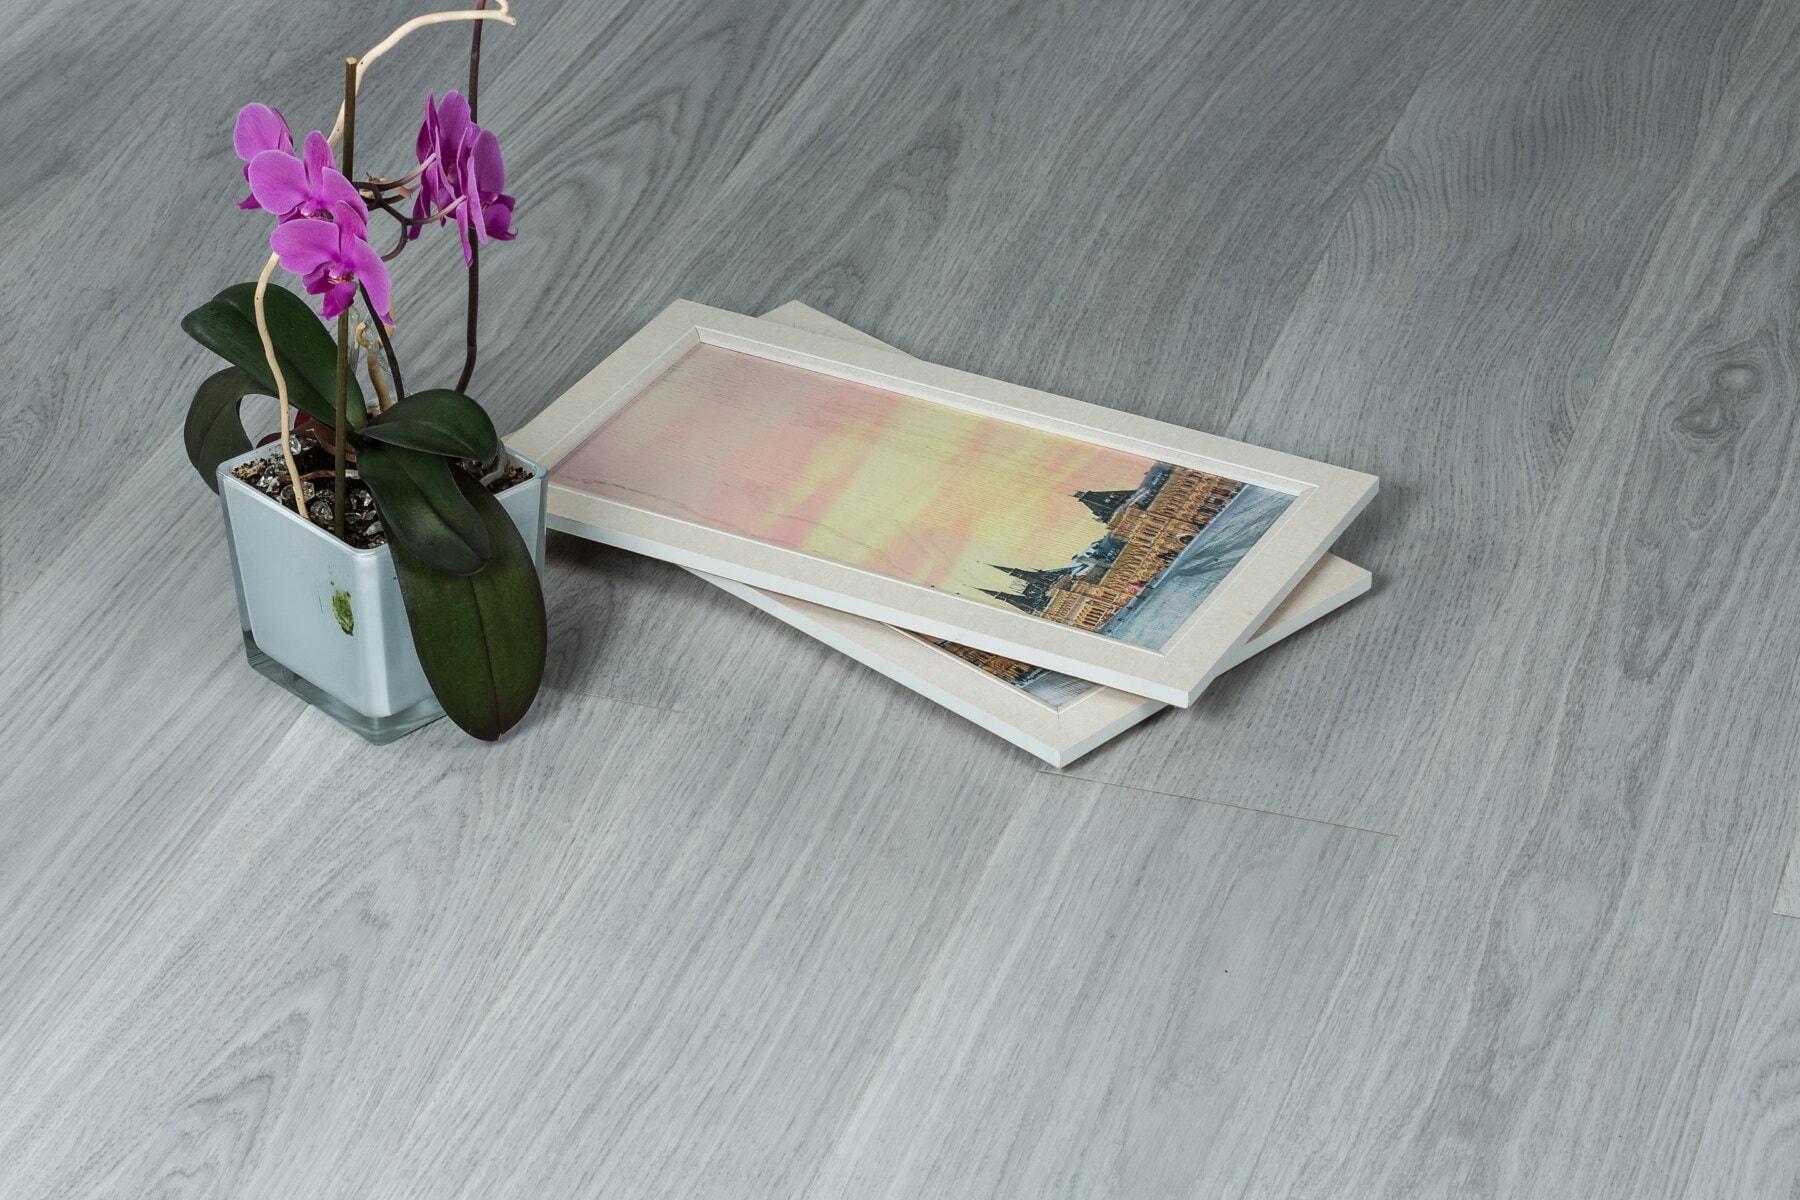 蘭, 紫色, ミニチュア, ミニマリズム, インテリア デザイン, フレーム, 画像, 花, 葉, レトロ